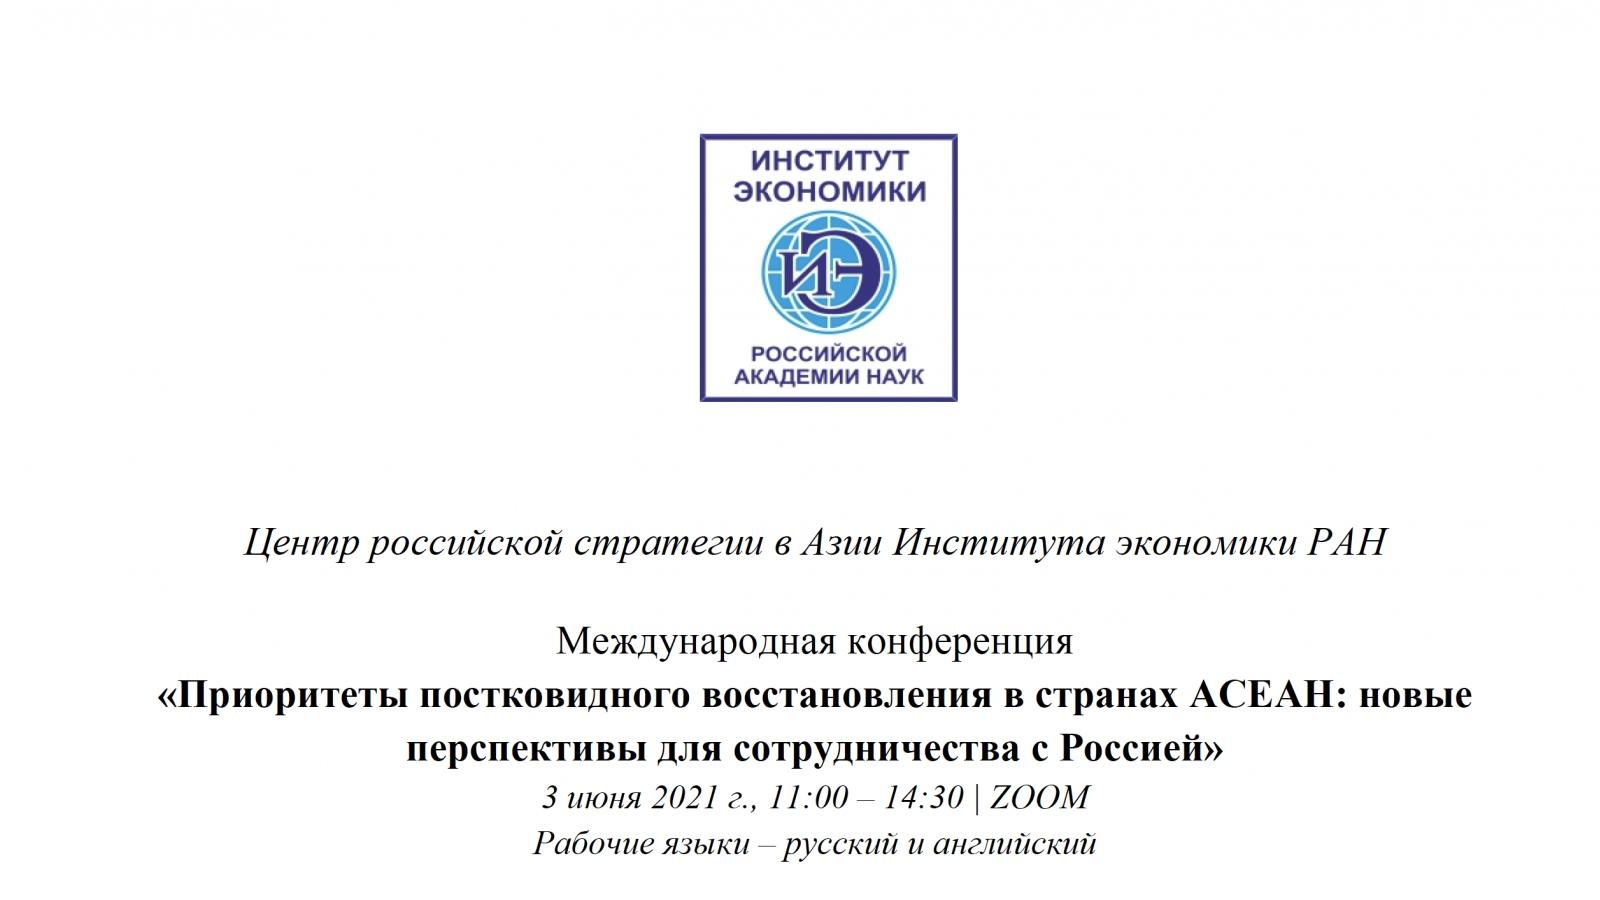 Hội thảo quốc tế thúc đẩy hợp tác Nga - ASEAN hậu COVID-19